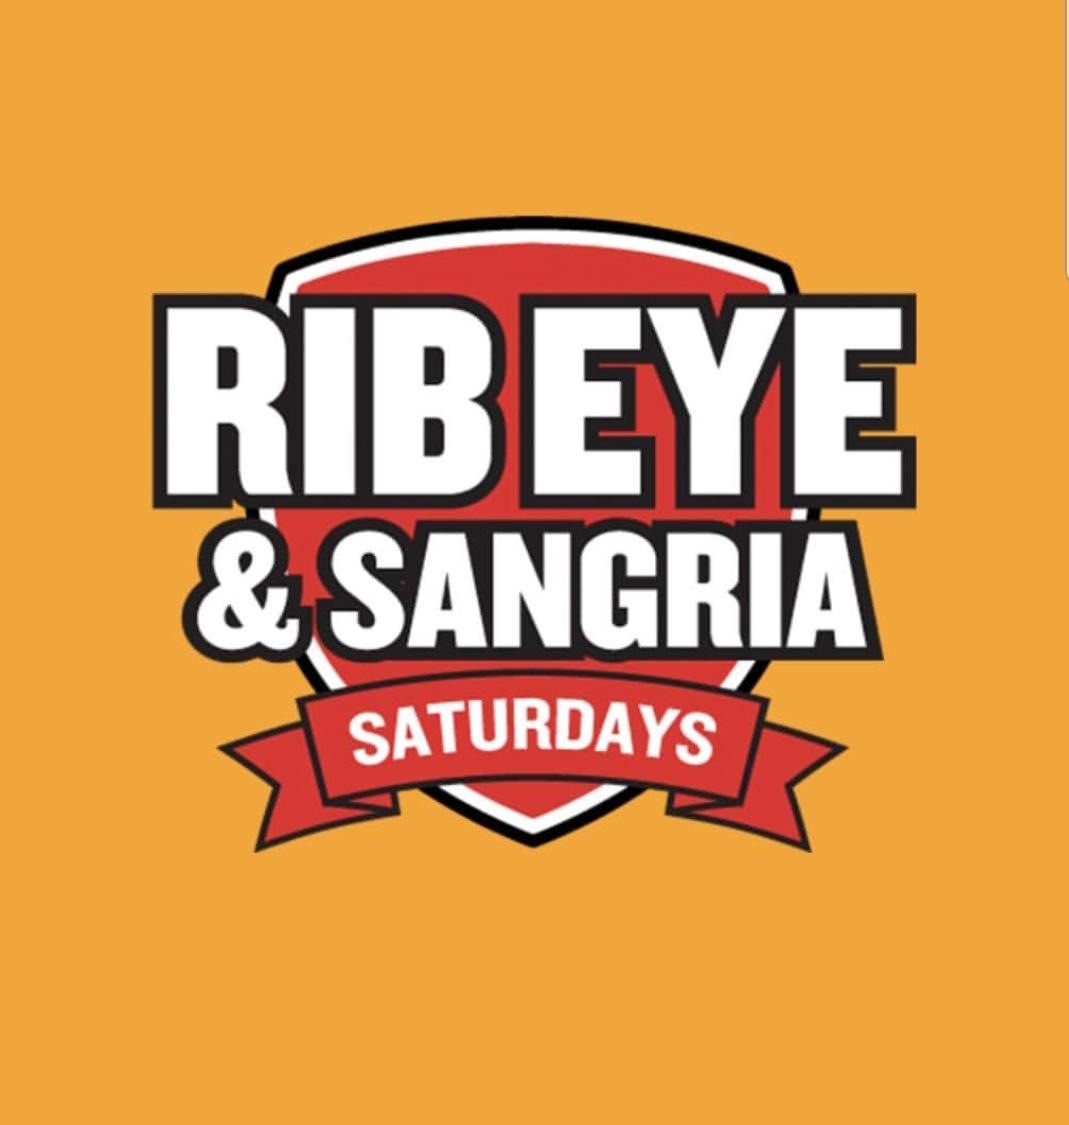 RIBEYE & SANGRIA SATURDAY